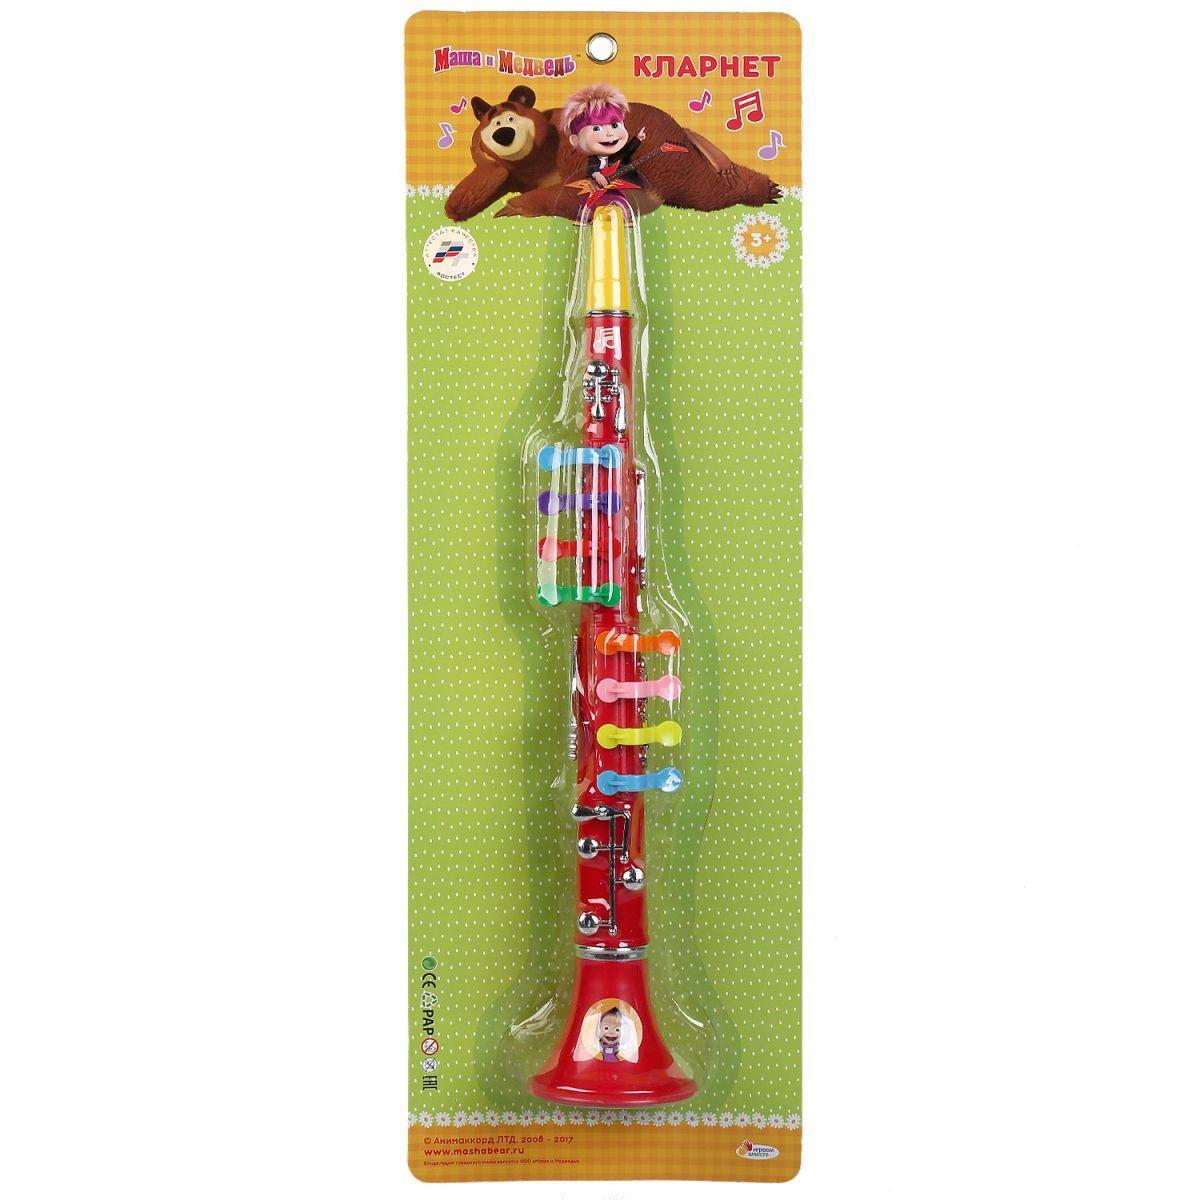 Музыкальная игрушка Играем вместе Кларнет Маша и Медведь